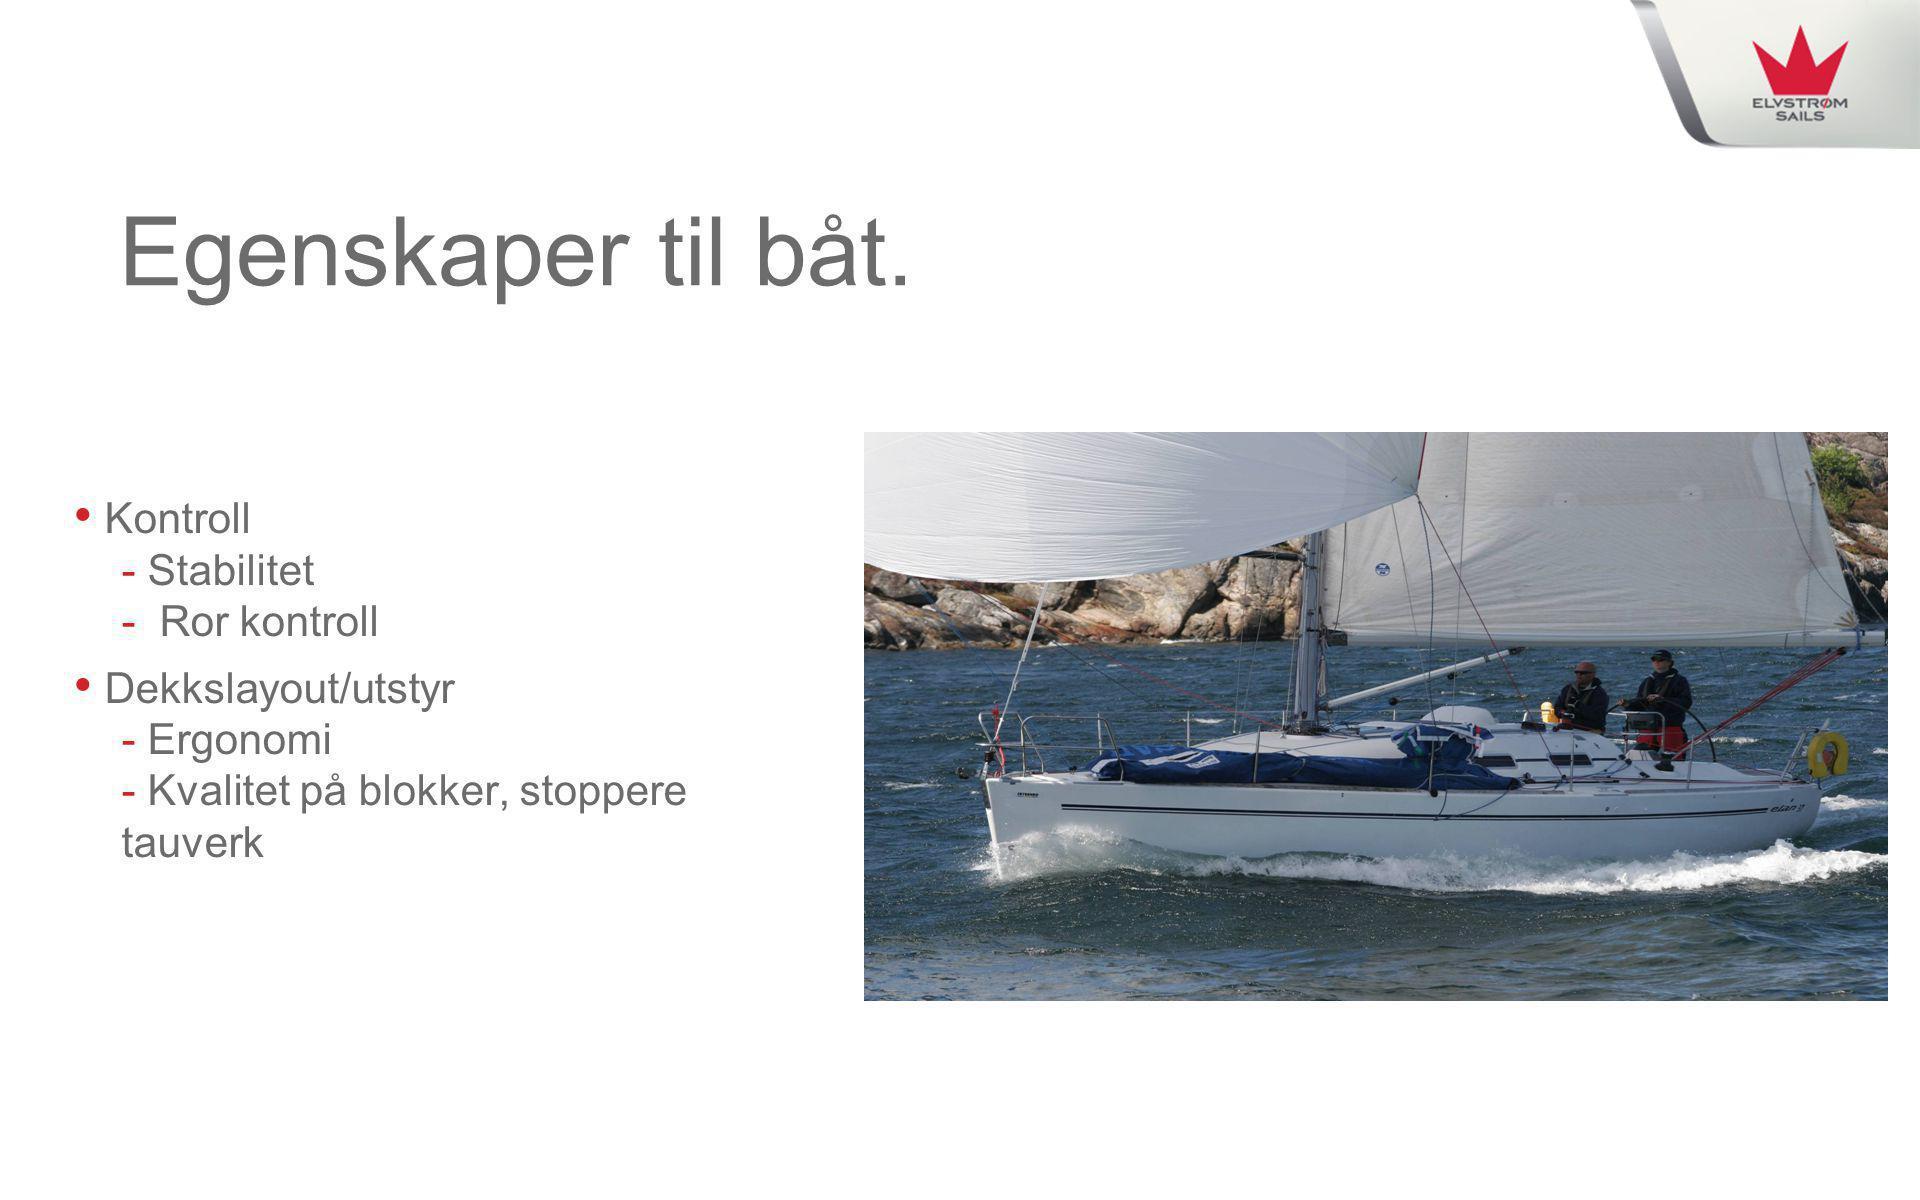 Egenskaper til båt. Kontroll - Stabilitet - Ror kontroll